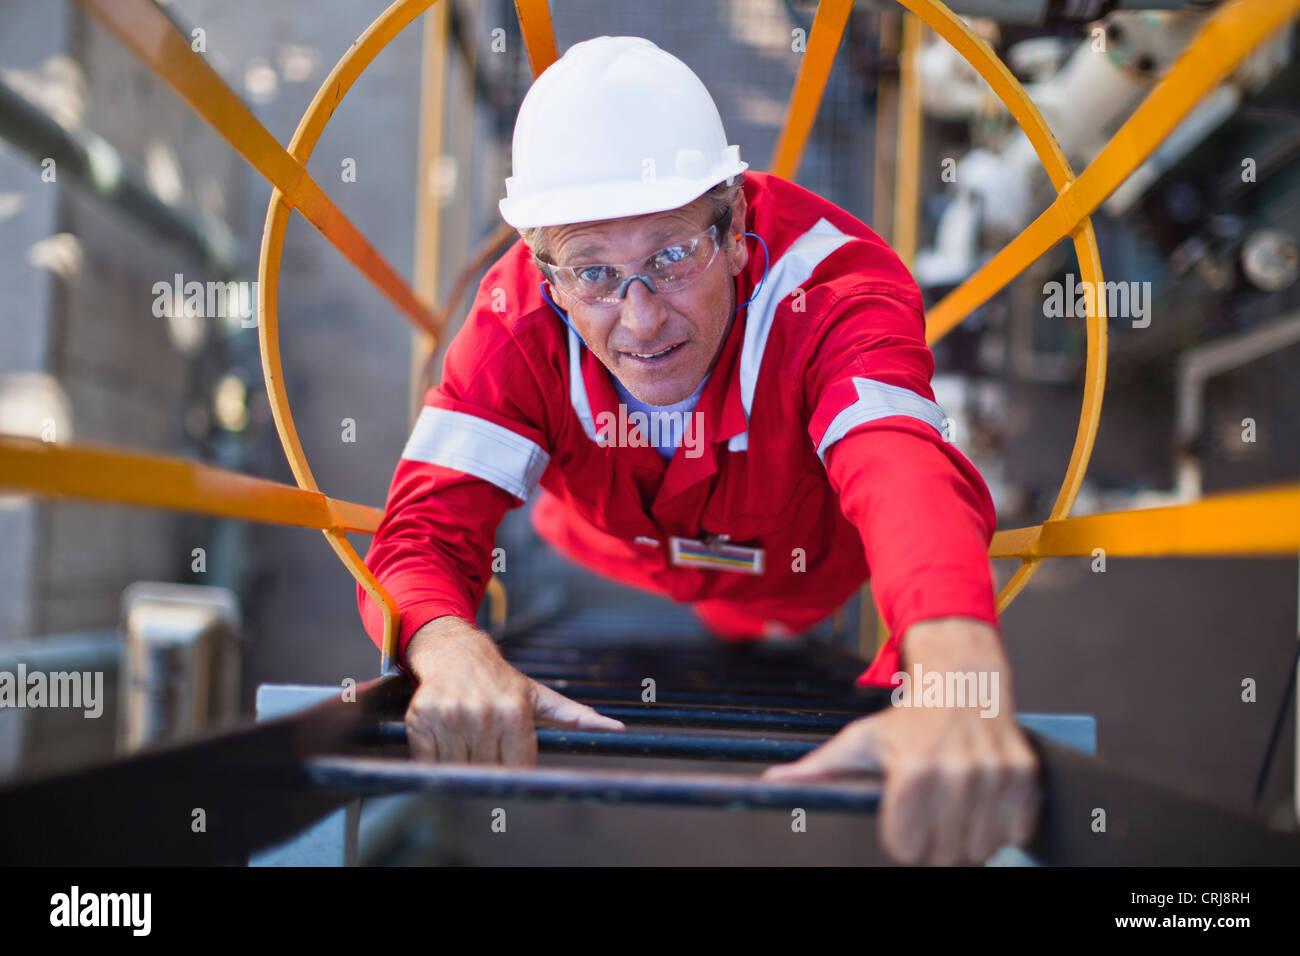 Trabajador escalera en la refinería de petróleo Imagen De Stock